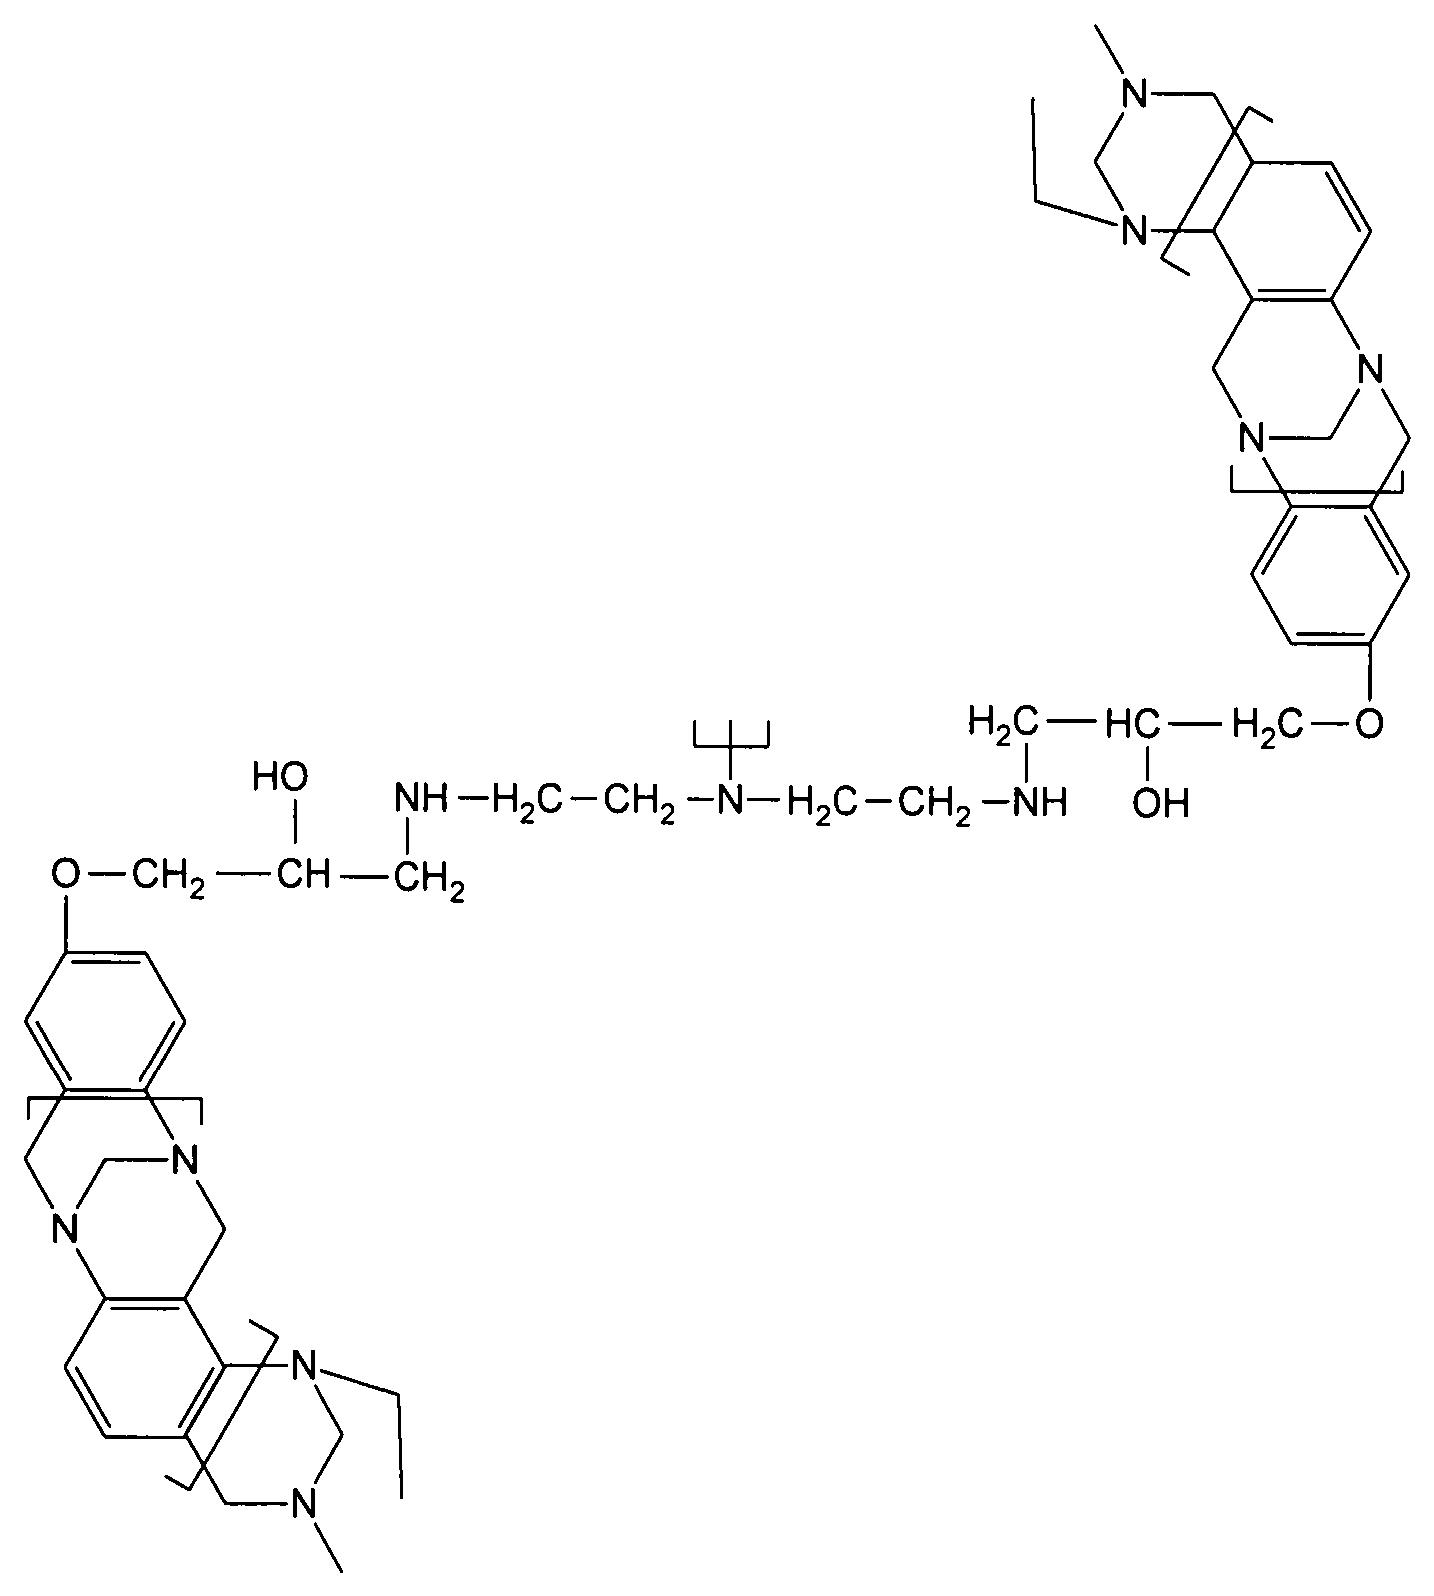 Figure DE112016005378T5_0055